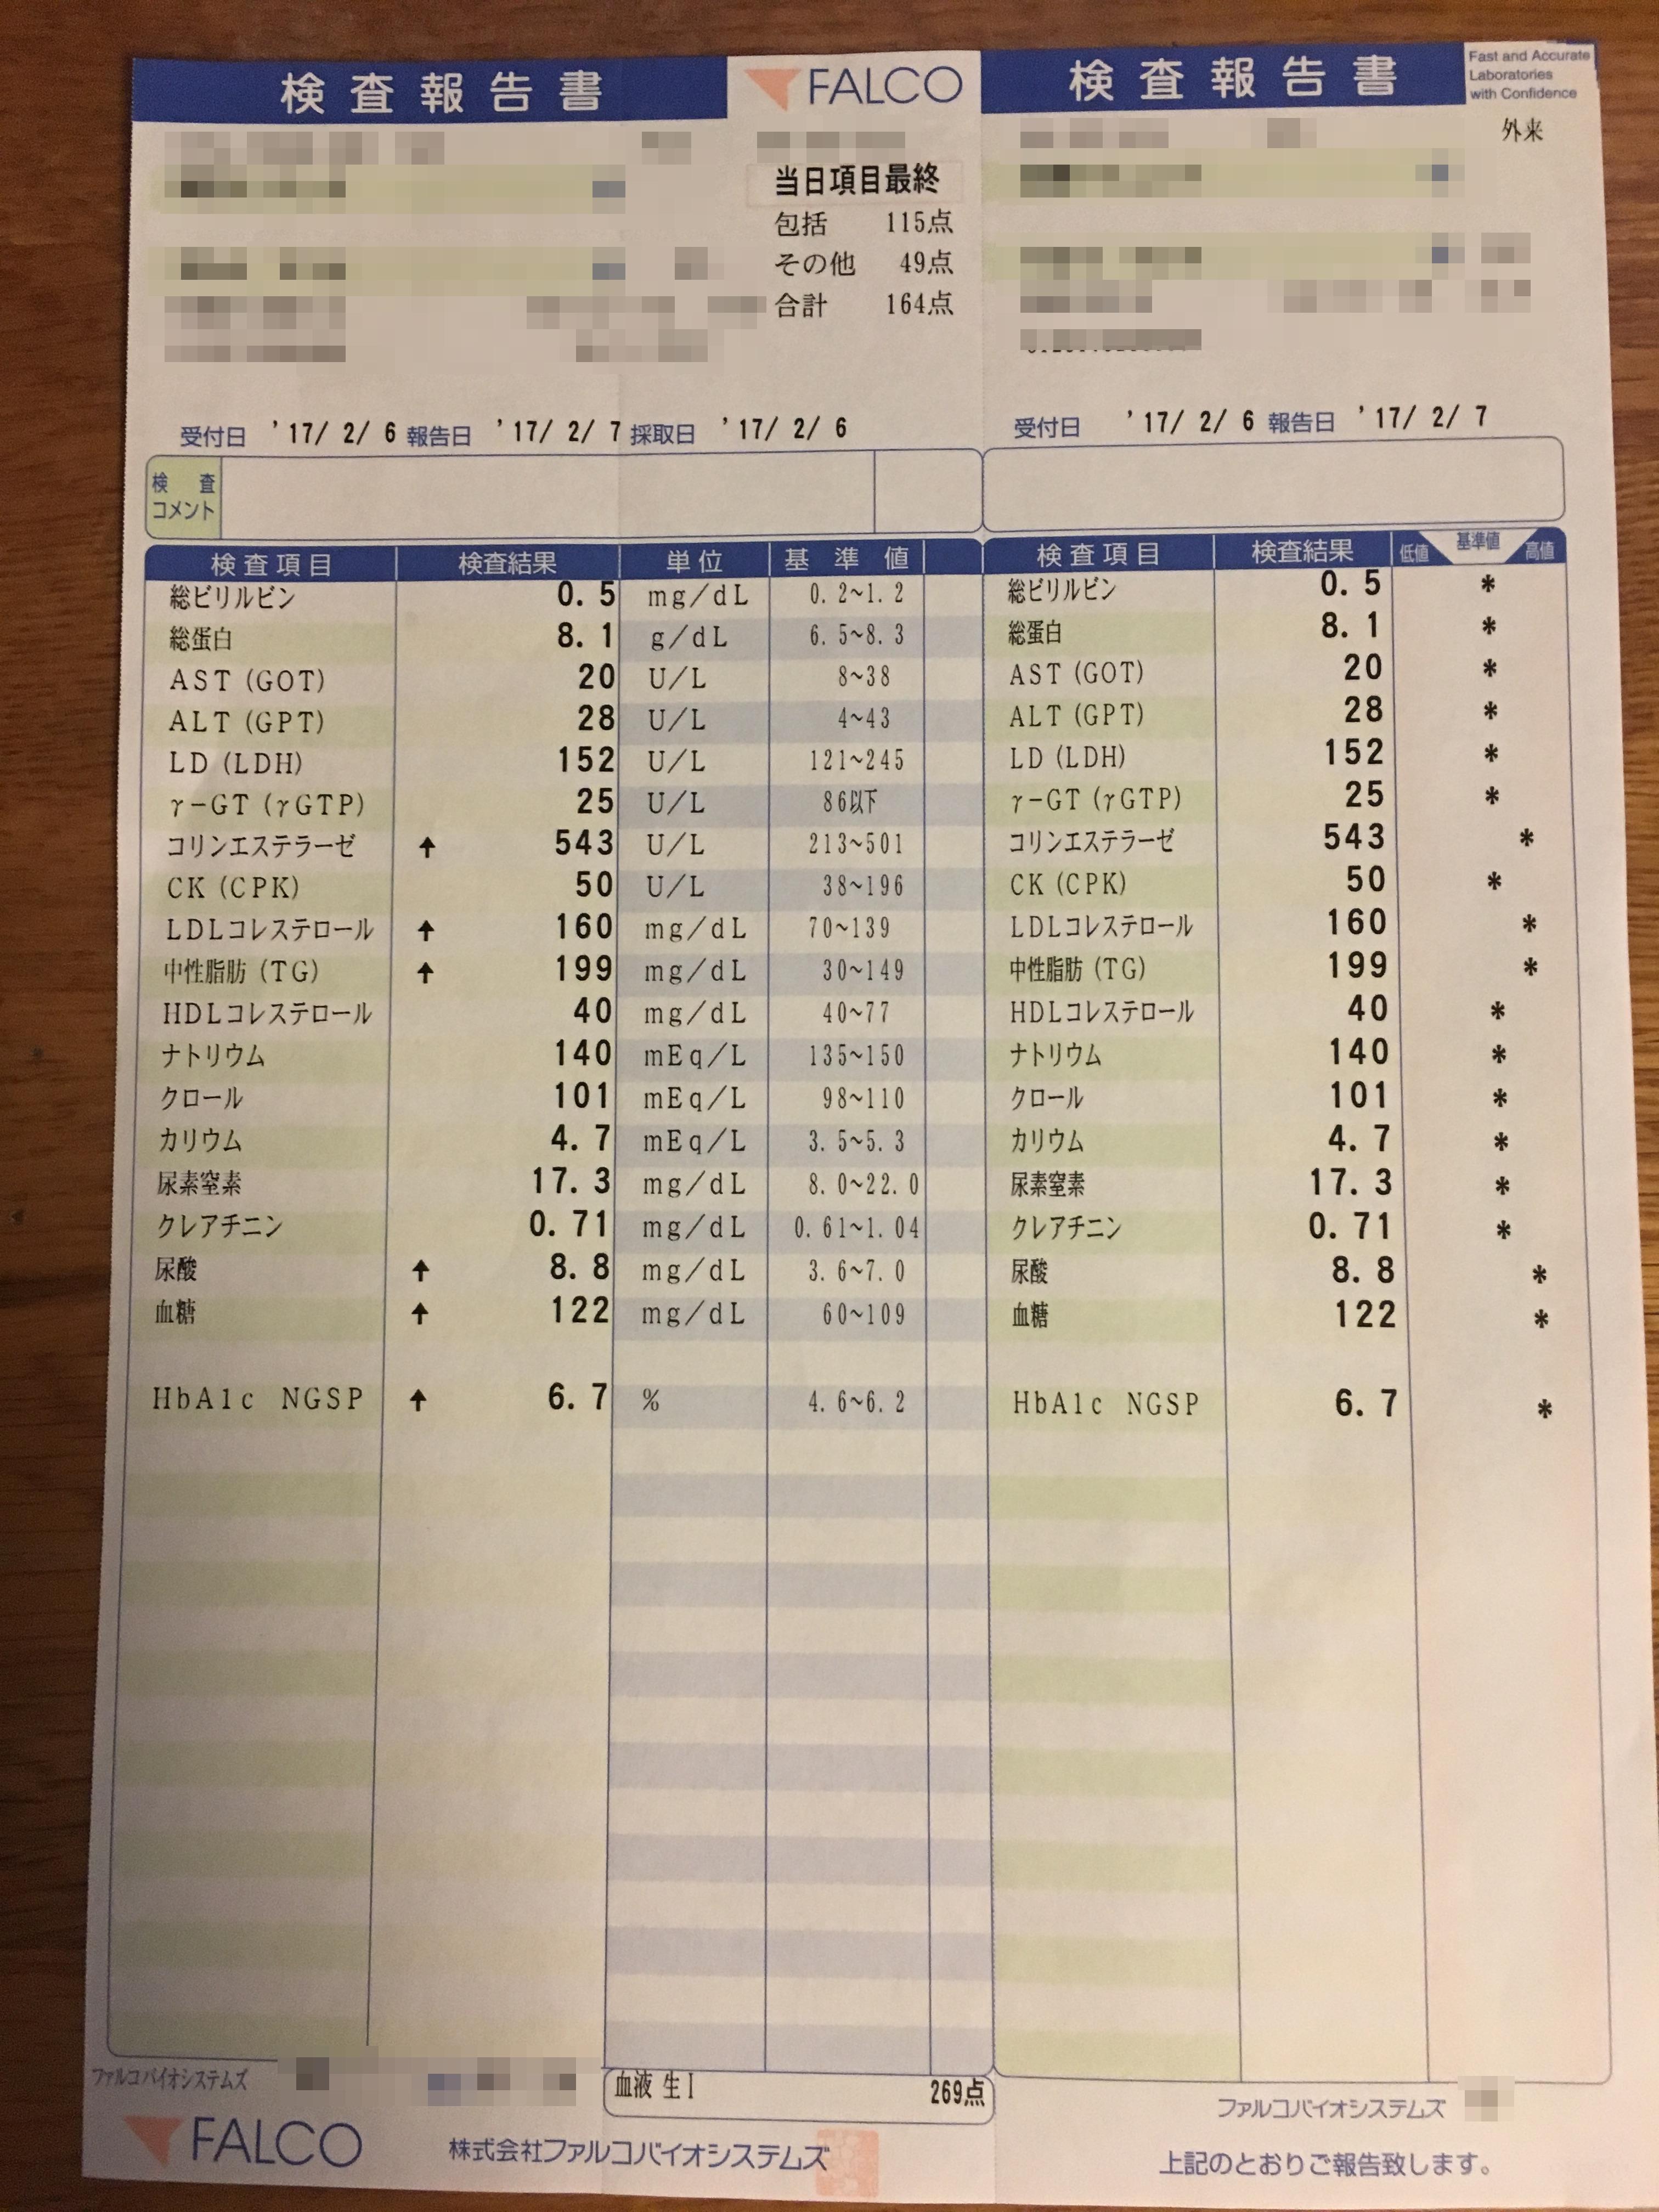 血液検査結果2016年2月